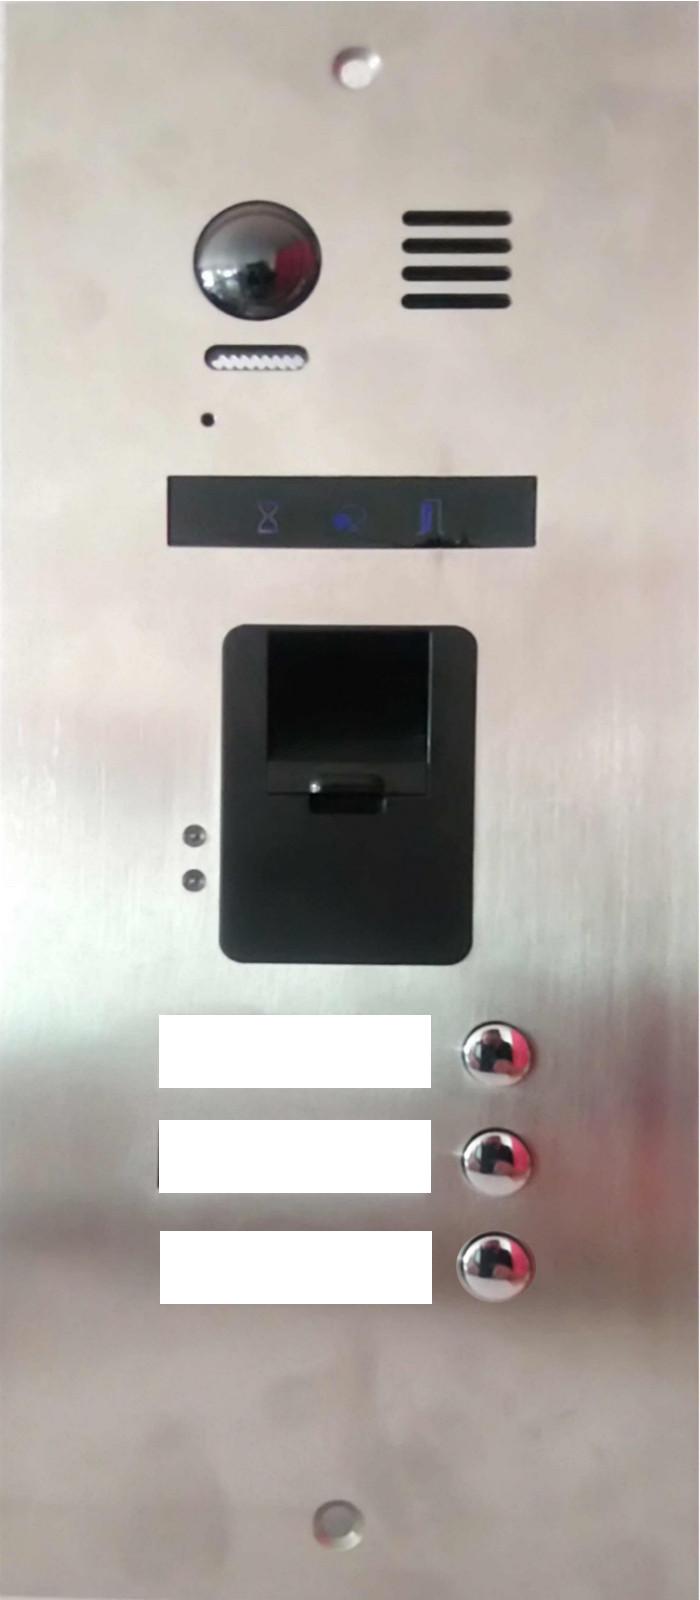 3-Familien-Video-Tuersprechanlage-mit-integrierten-Fingerabdruckleser_neuheit_exklusiv